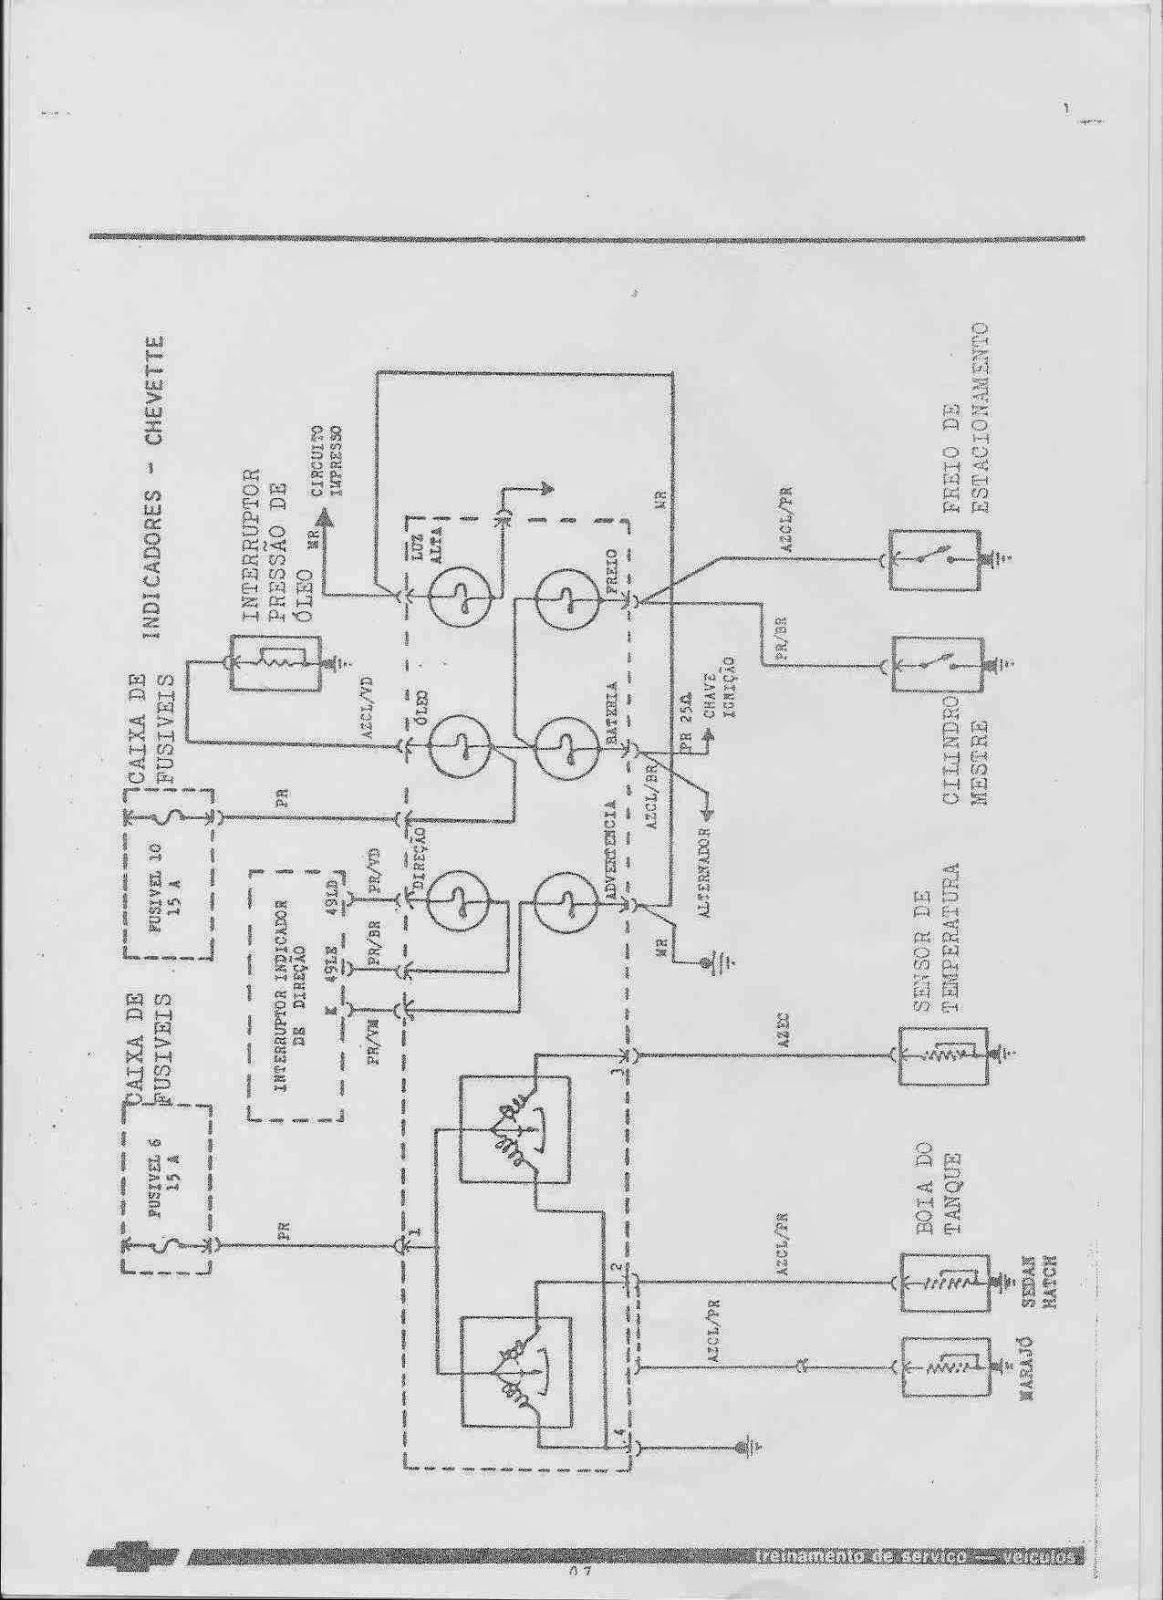 ep inje o eletr nica esquema el trico do chevette rh correntecontinuaautomotiva blogspot com Dibujo De Alternador Alternador De Auto